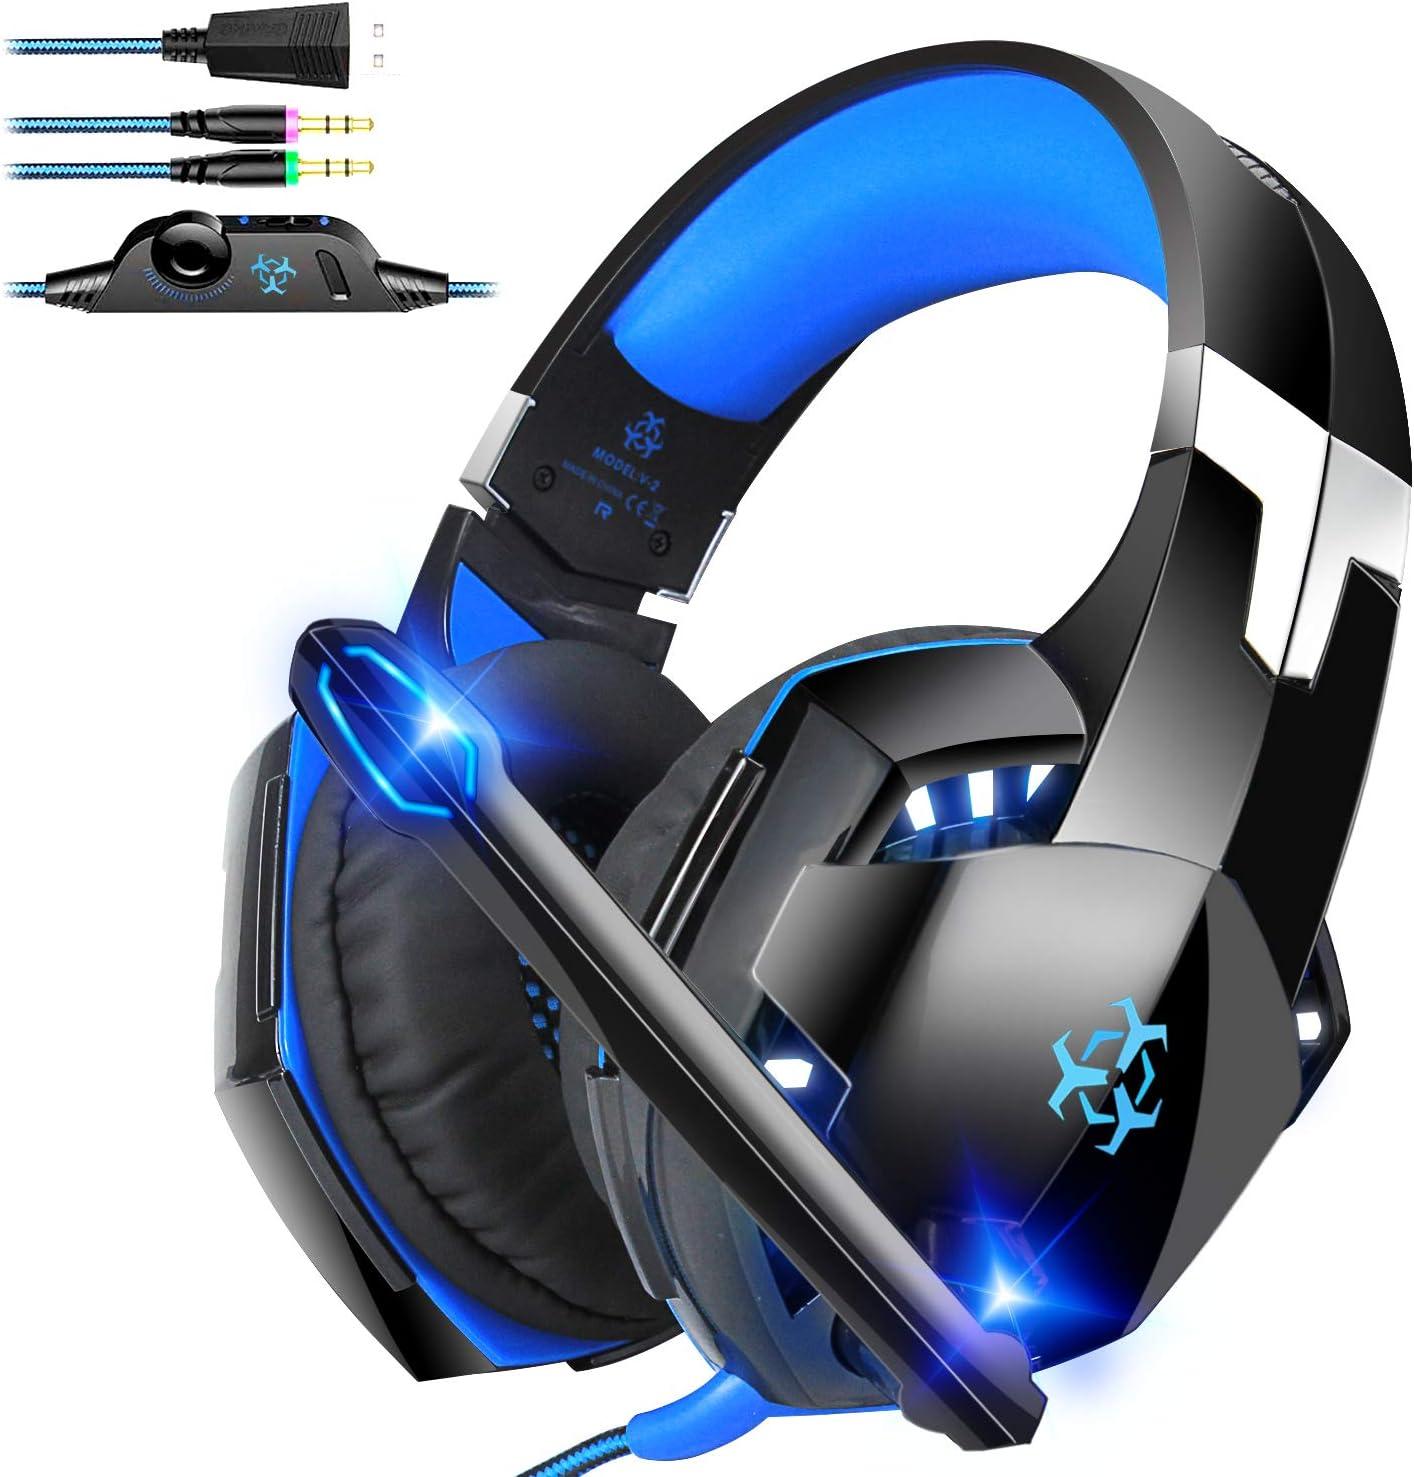 Bovon Cascos Gaming, Auriculares Gaming para PC/Tablet/Laptop, de 3.5 mm Jack, Sonido Estéreo y Cancelación de Ruido【No Funciona para PS4 / Xbox One】